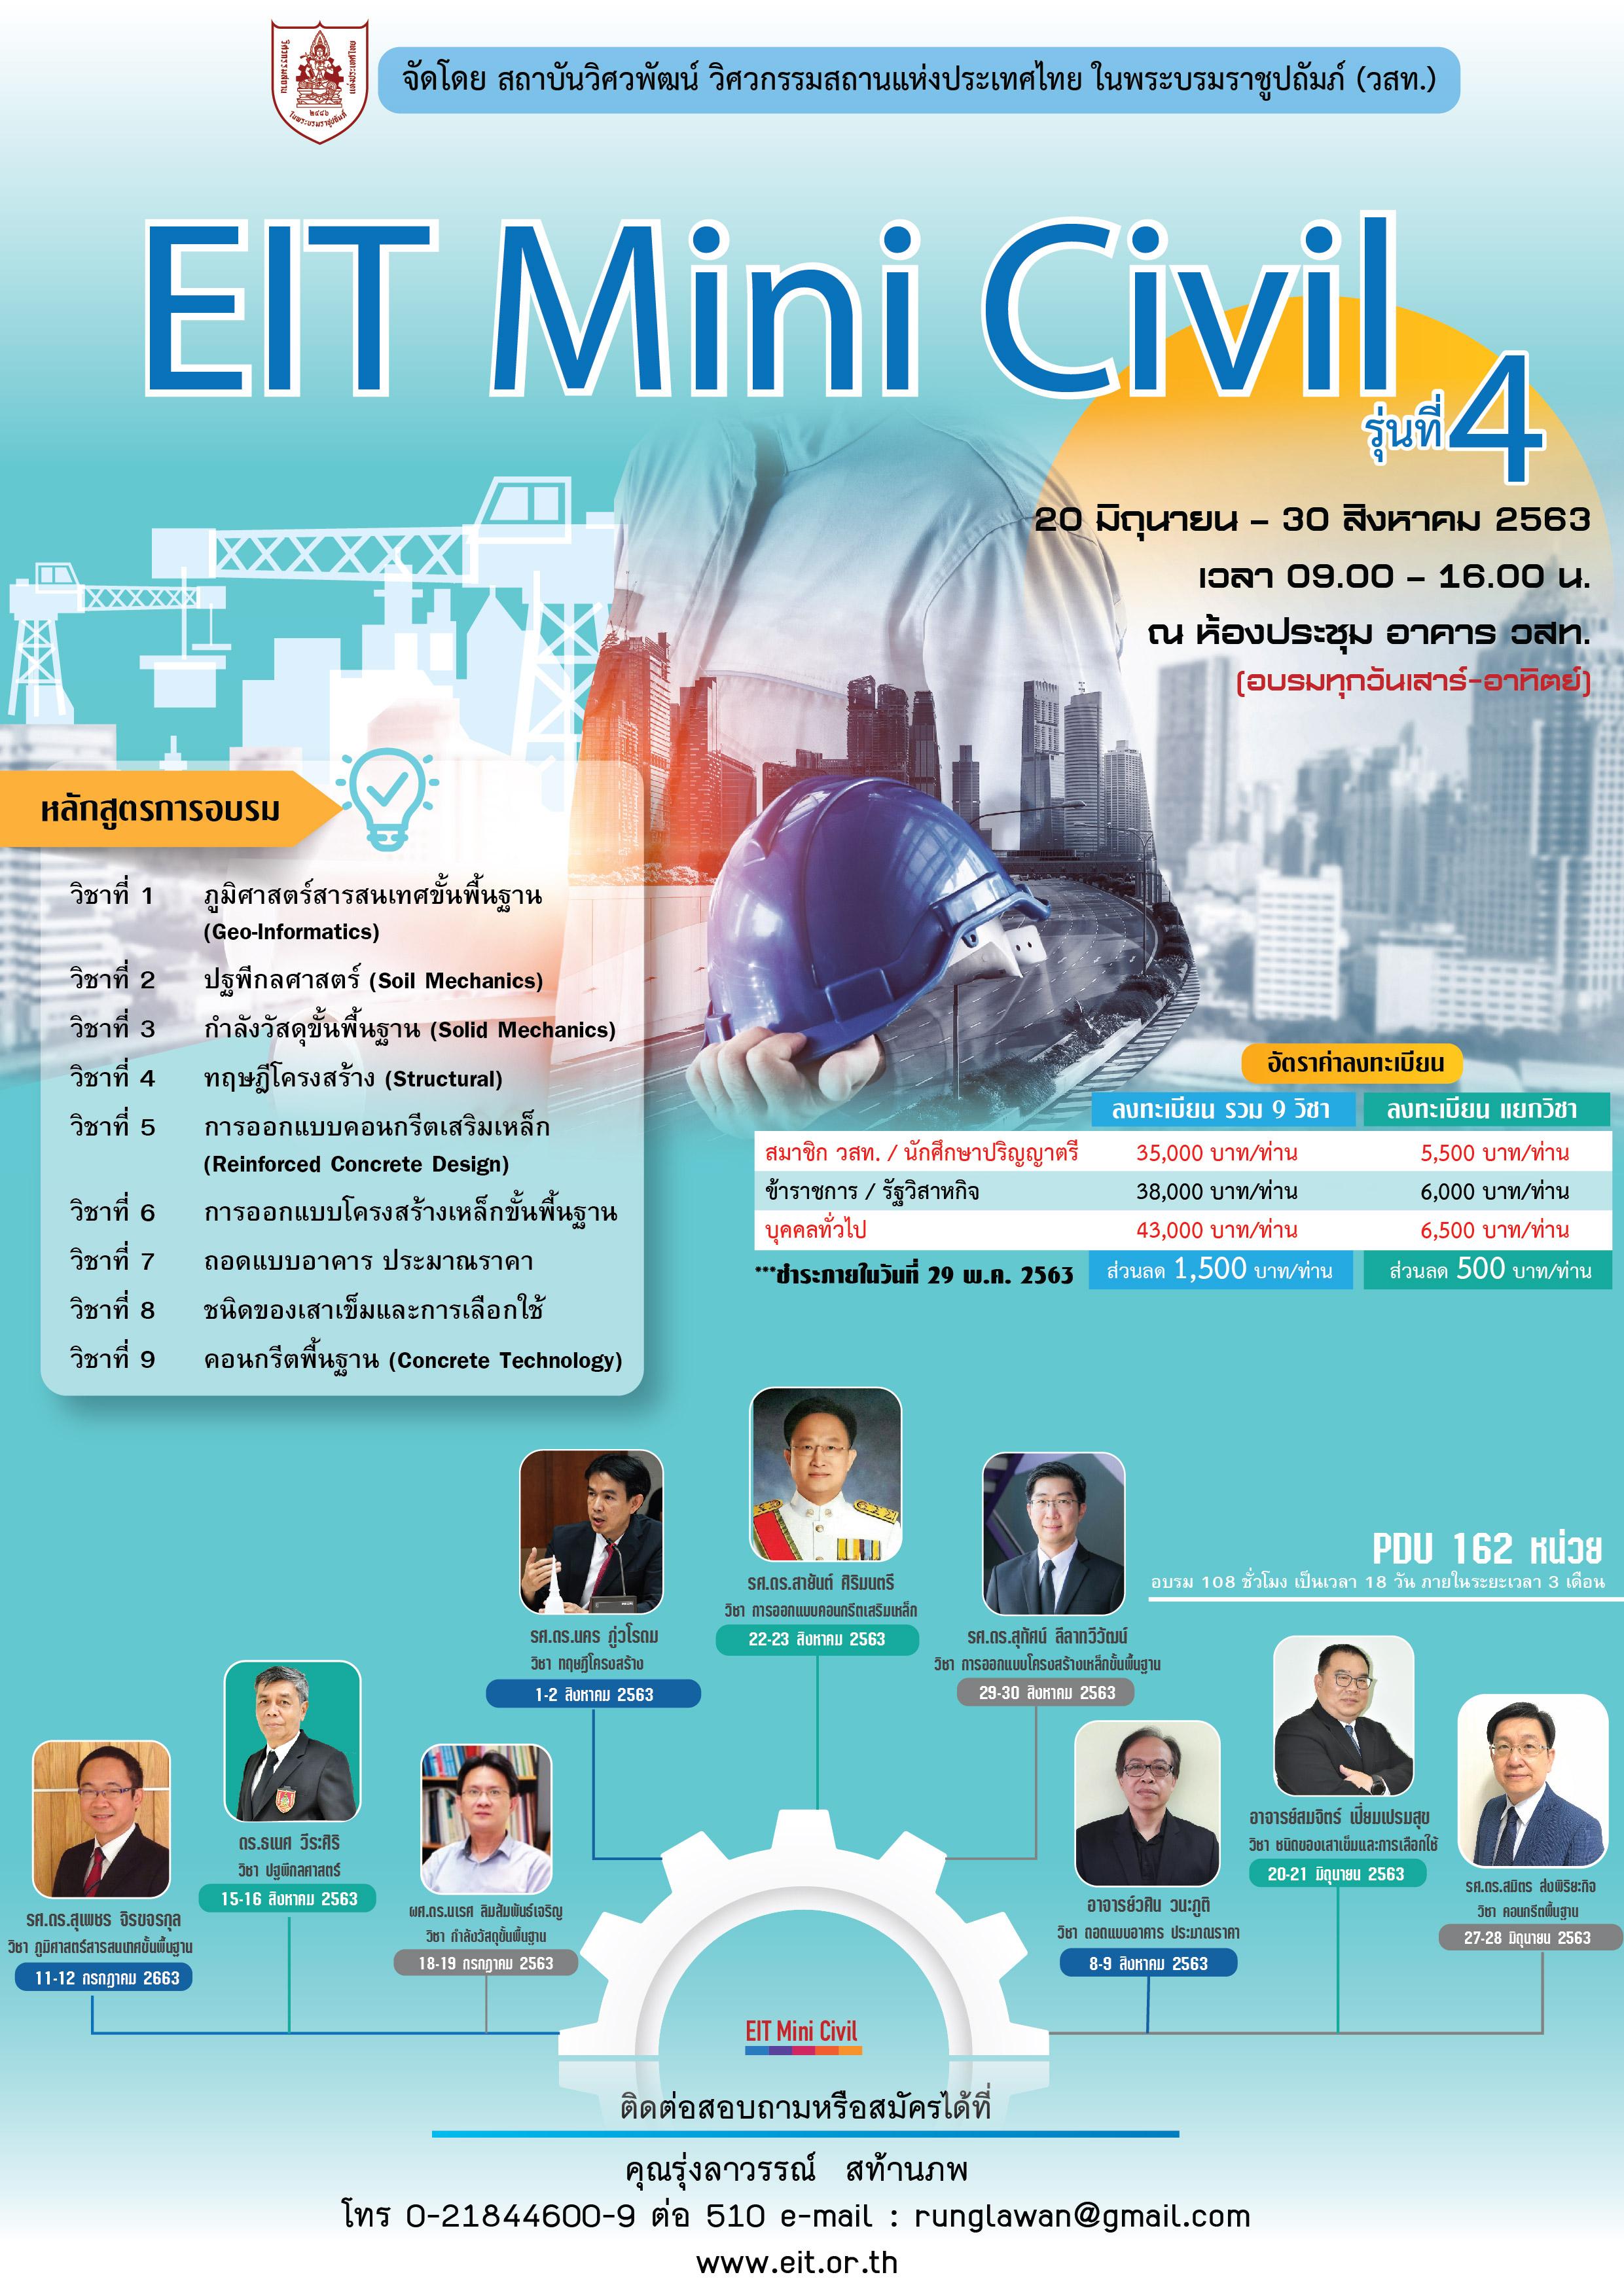 27-28/06/63 อบรมหลักสูตร EIT Mini Civil รุ่นที่ 4 วิชาที่ 9 คอนกรีตพื้นฐาน (Concrete Technology)